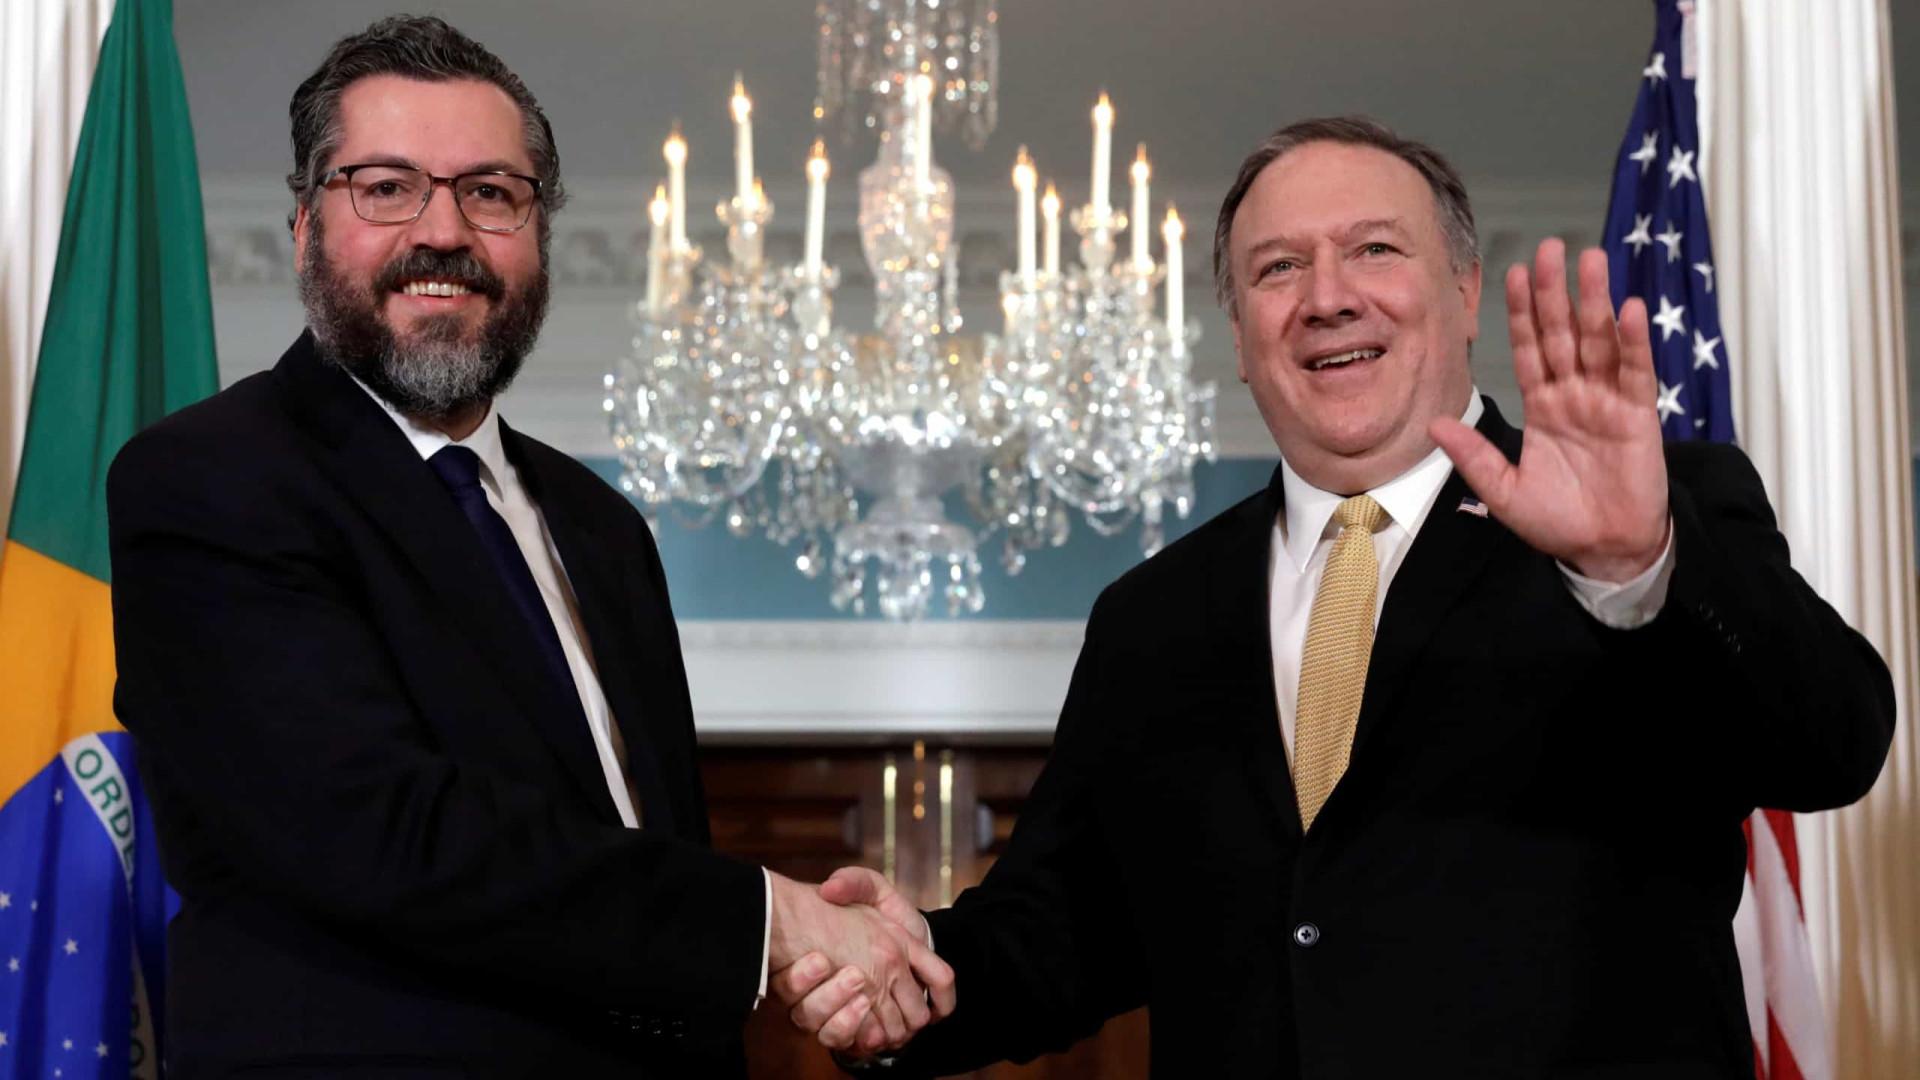 Brasil prepara aliança com EUA por defesa da liberdade religiosa